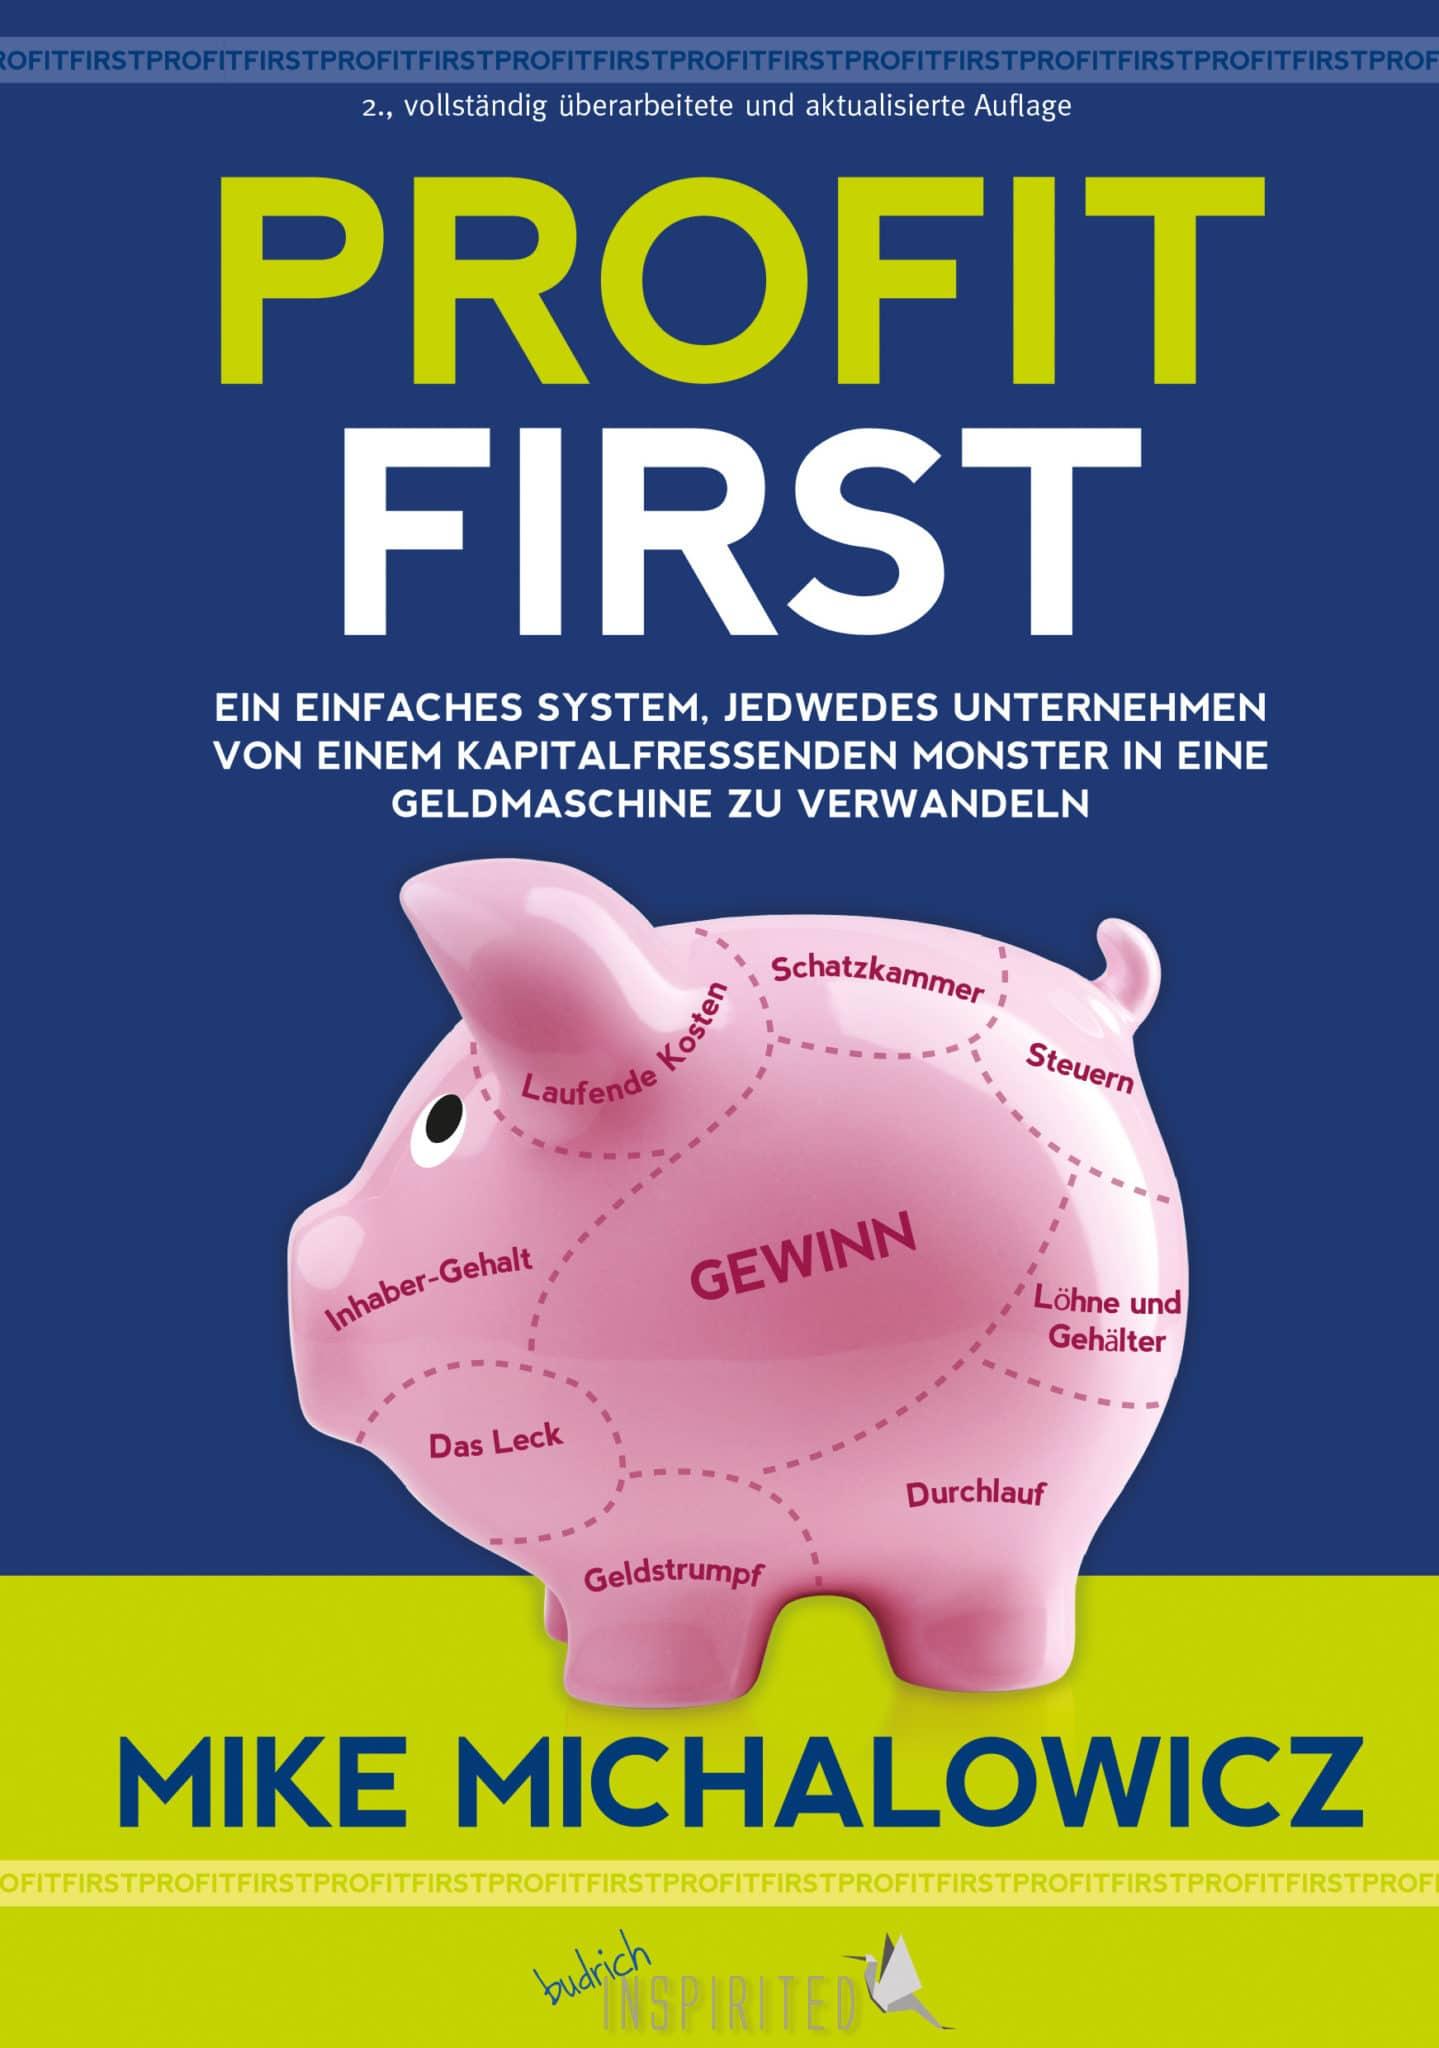 Mike Michalowitcz: Profit First-Ein einfaches System, jedwedes Unternehmen von einem kapitalfressenden Monster in eine Geldmaschine zu verwandeln. Verlag Barbara Budrich, 2020.